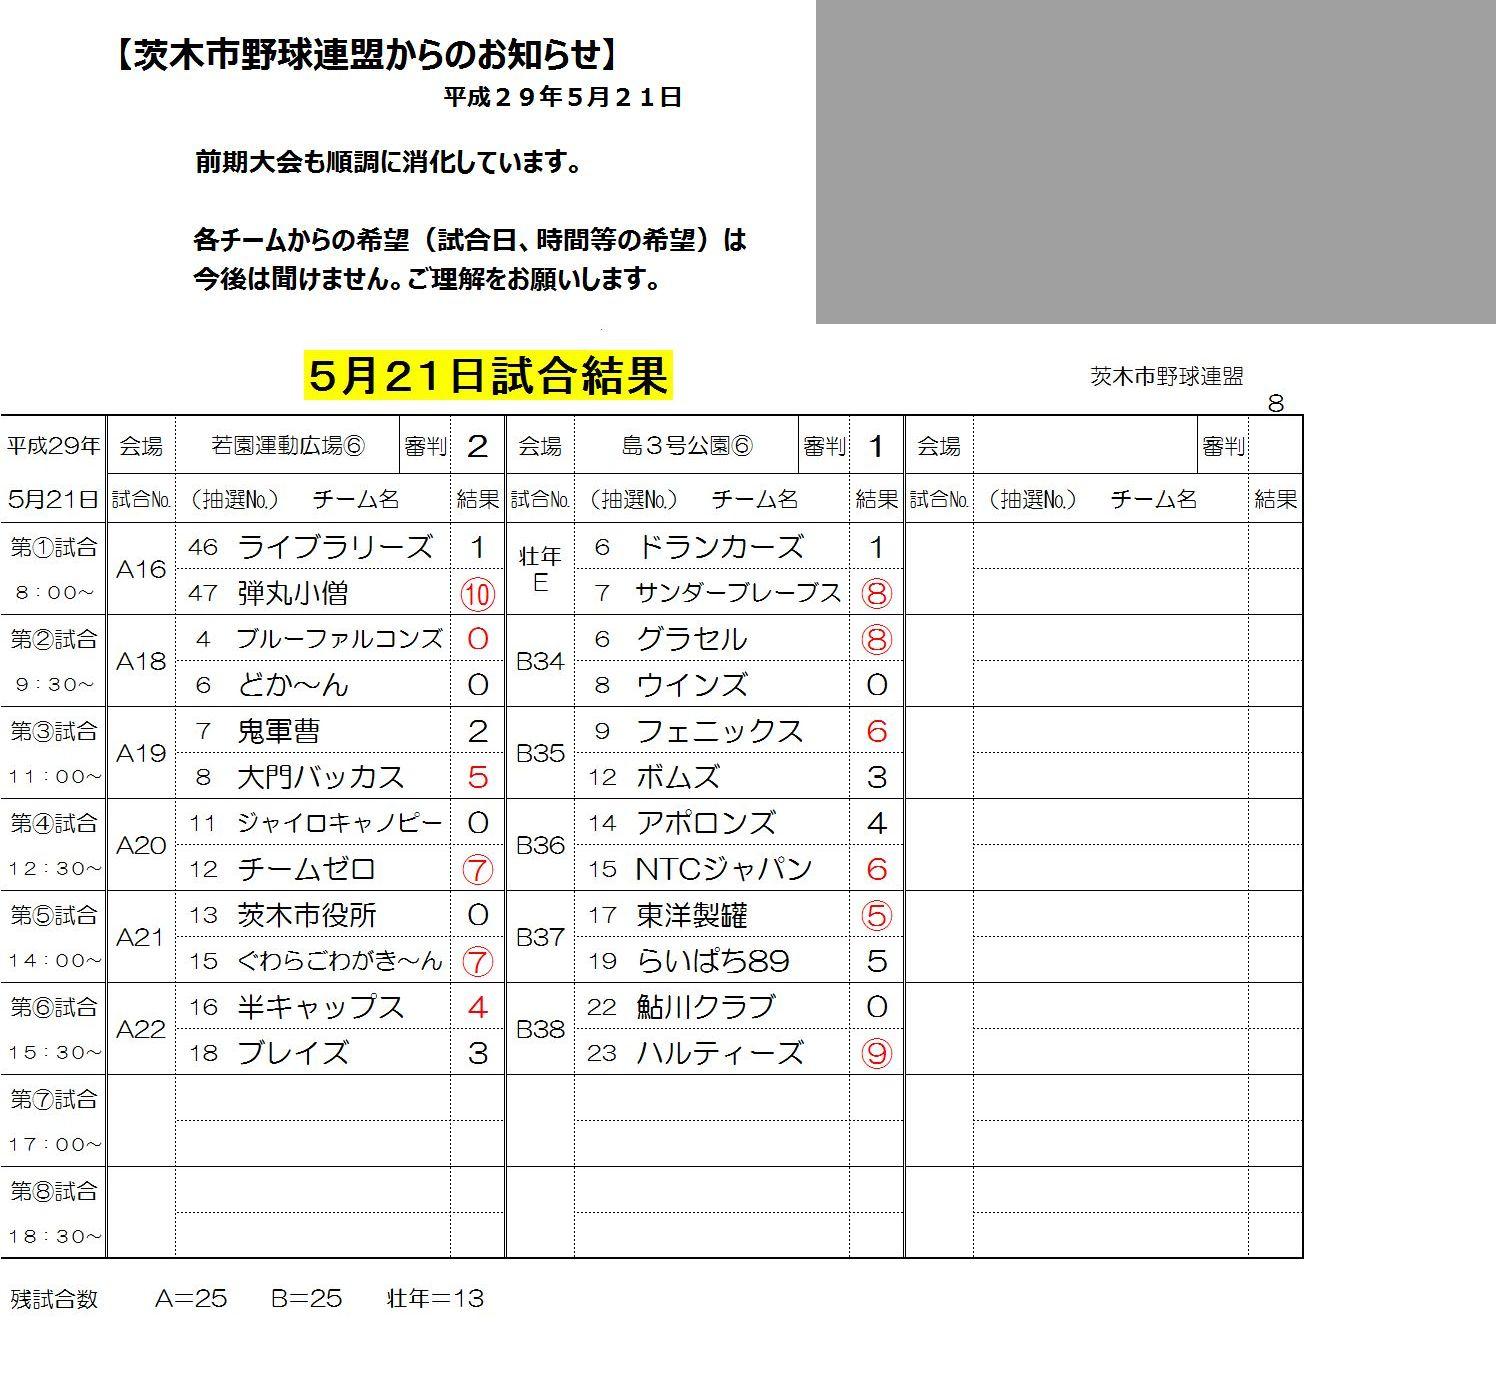 5月21日試合結果